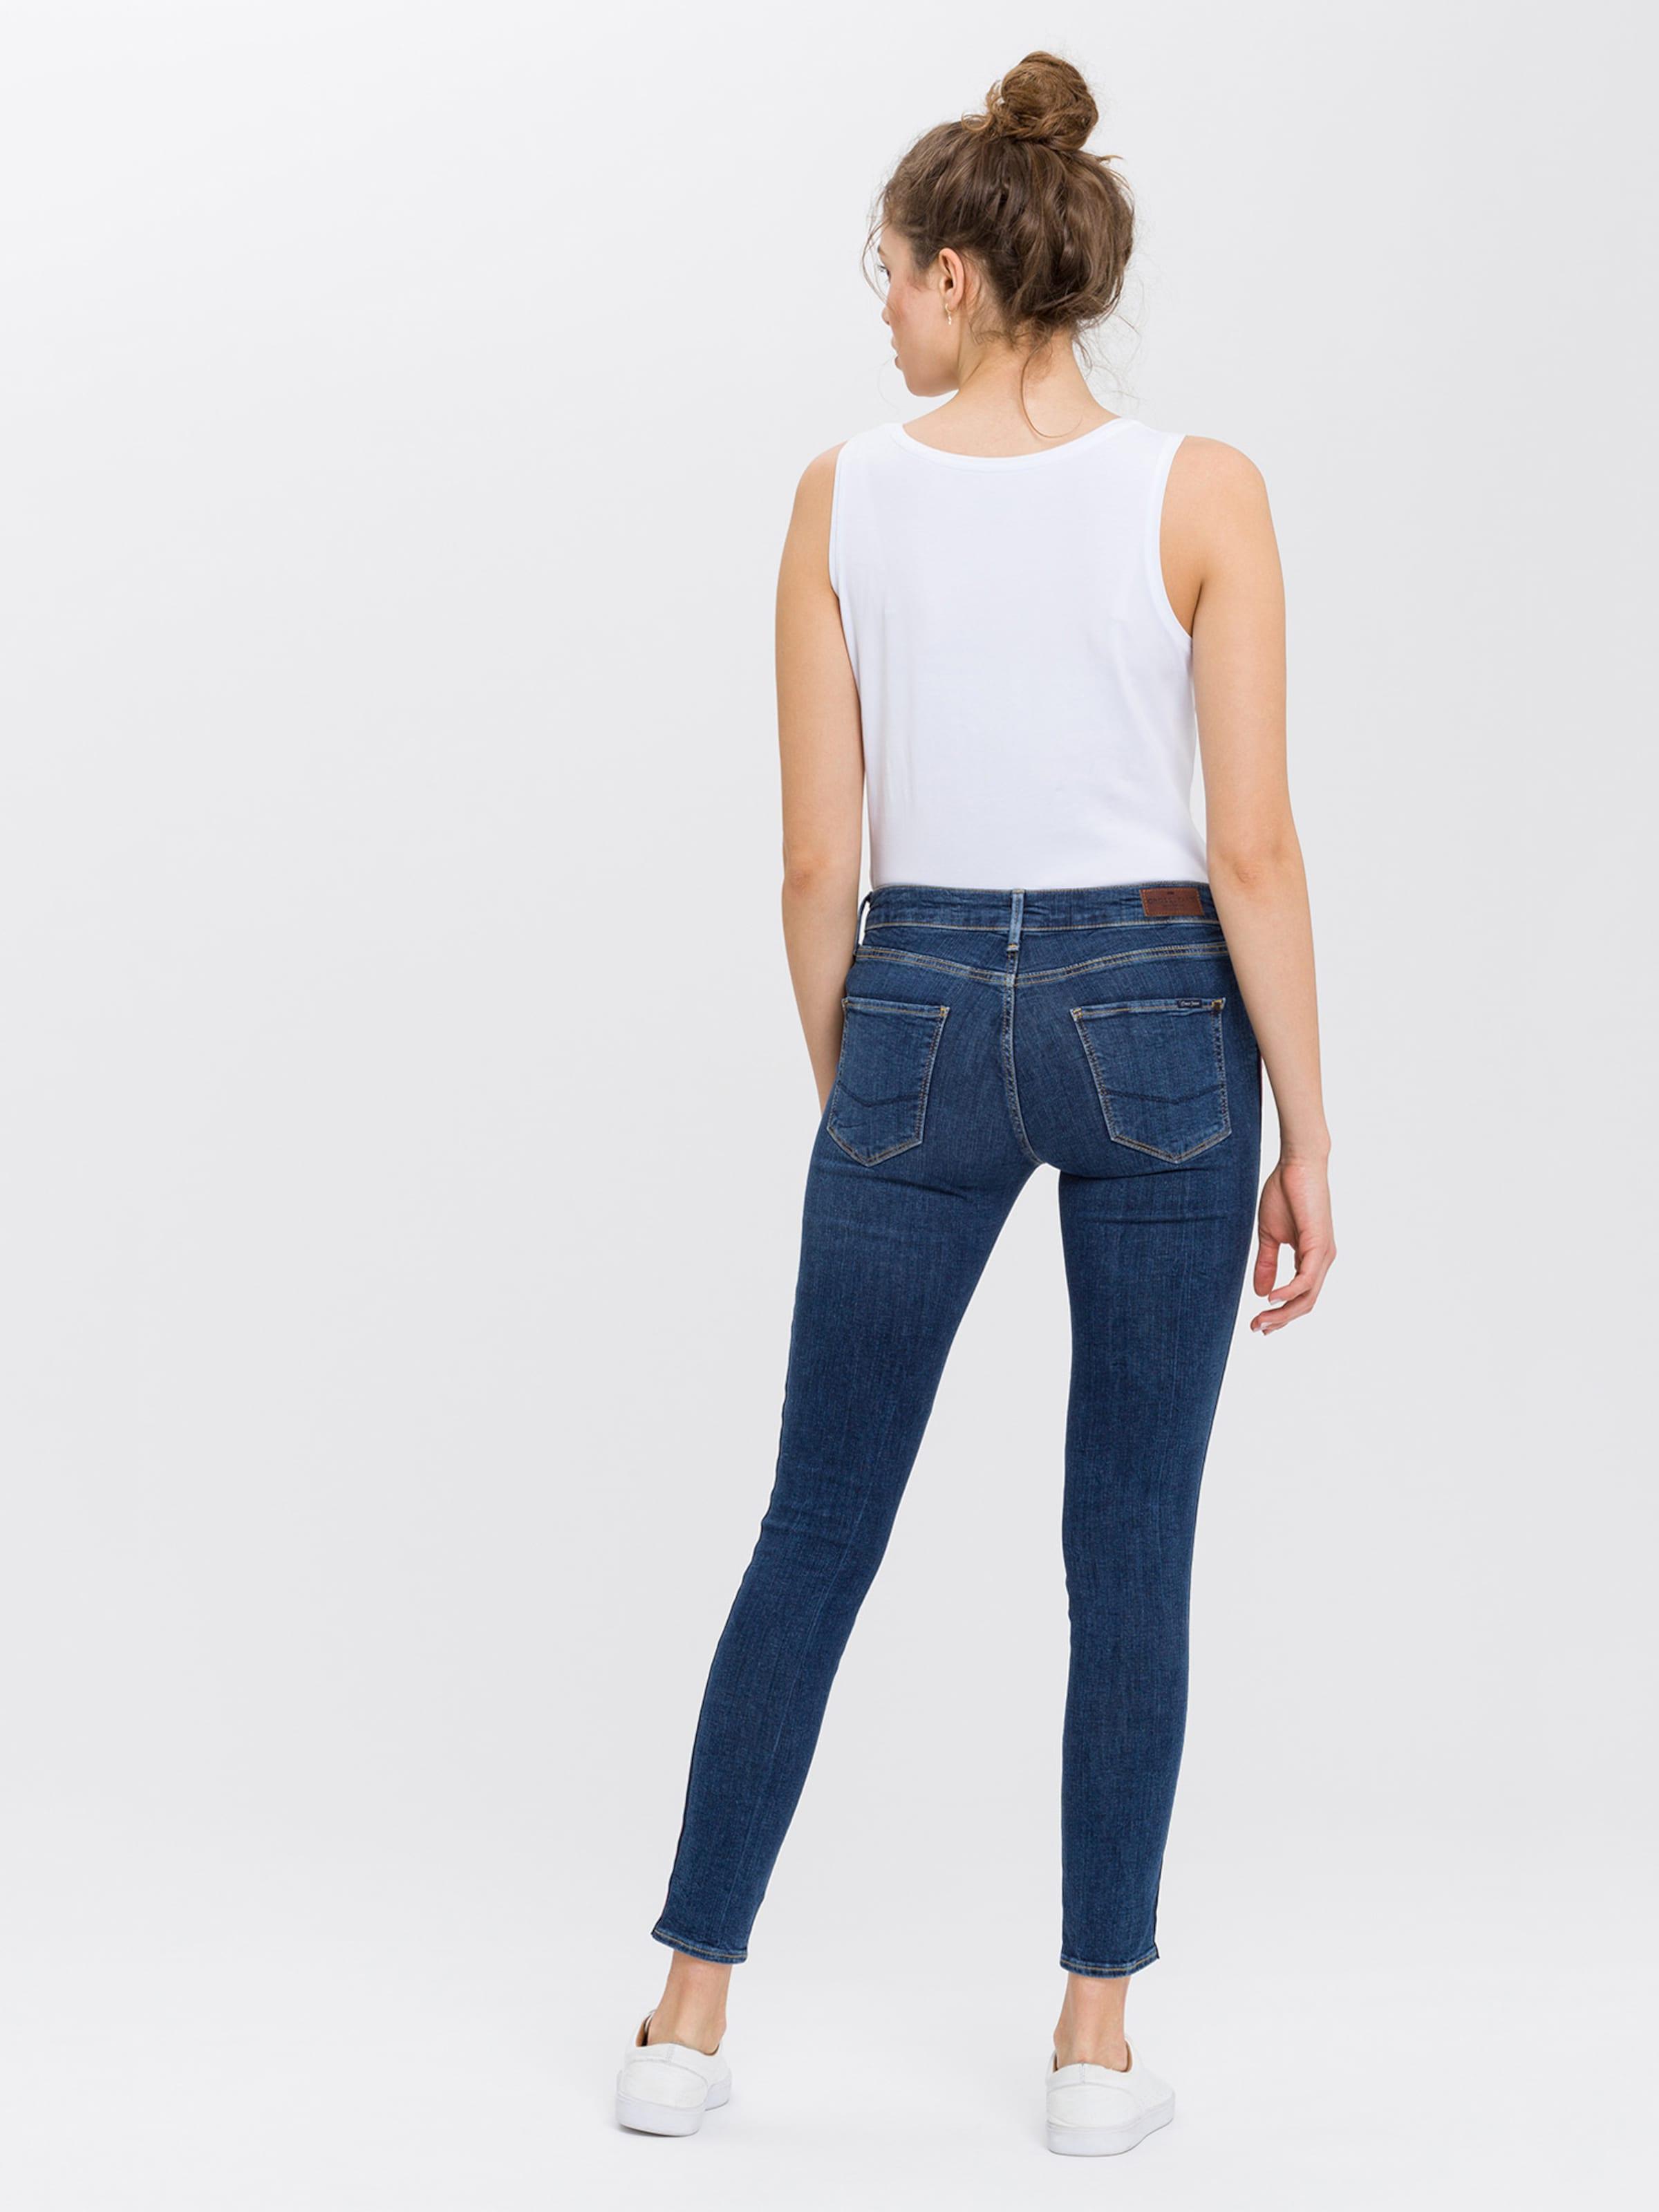 DunkelblauRot 'giselle' Jeans Cross Weiß In NOPn8wkX0